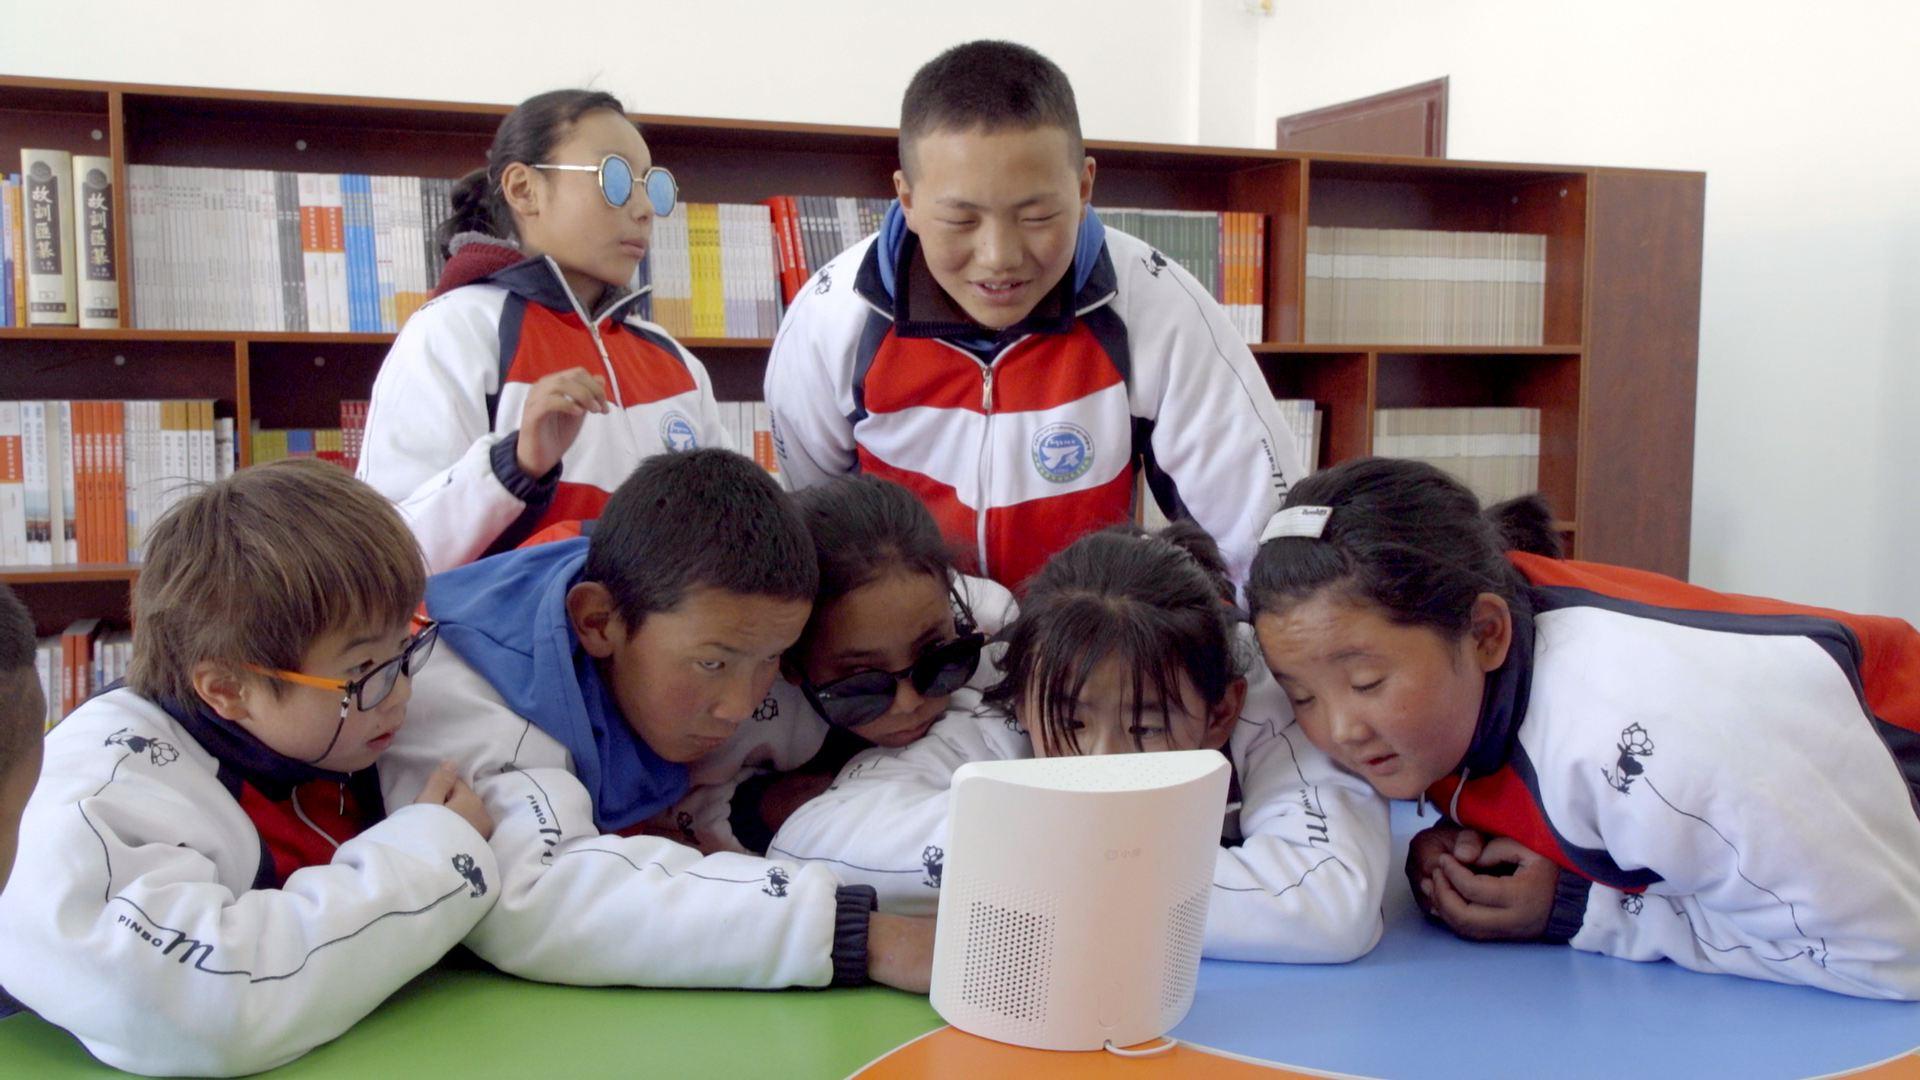 国际盲人节|百度AI走进拉萨特殊教育学校,助力盲童实现无障碍学习